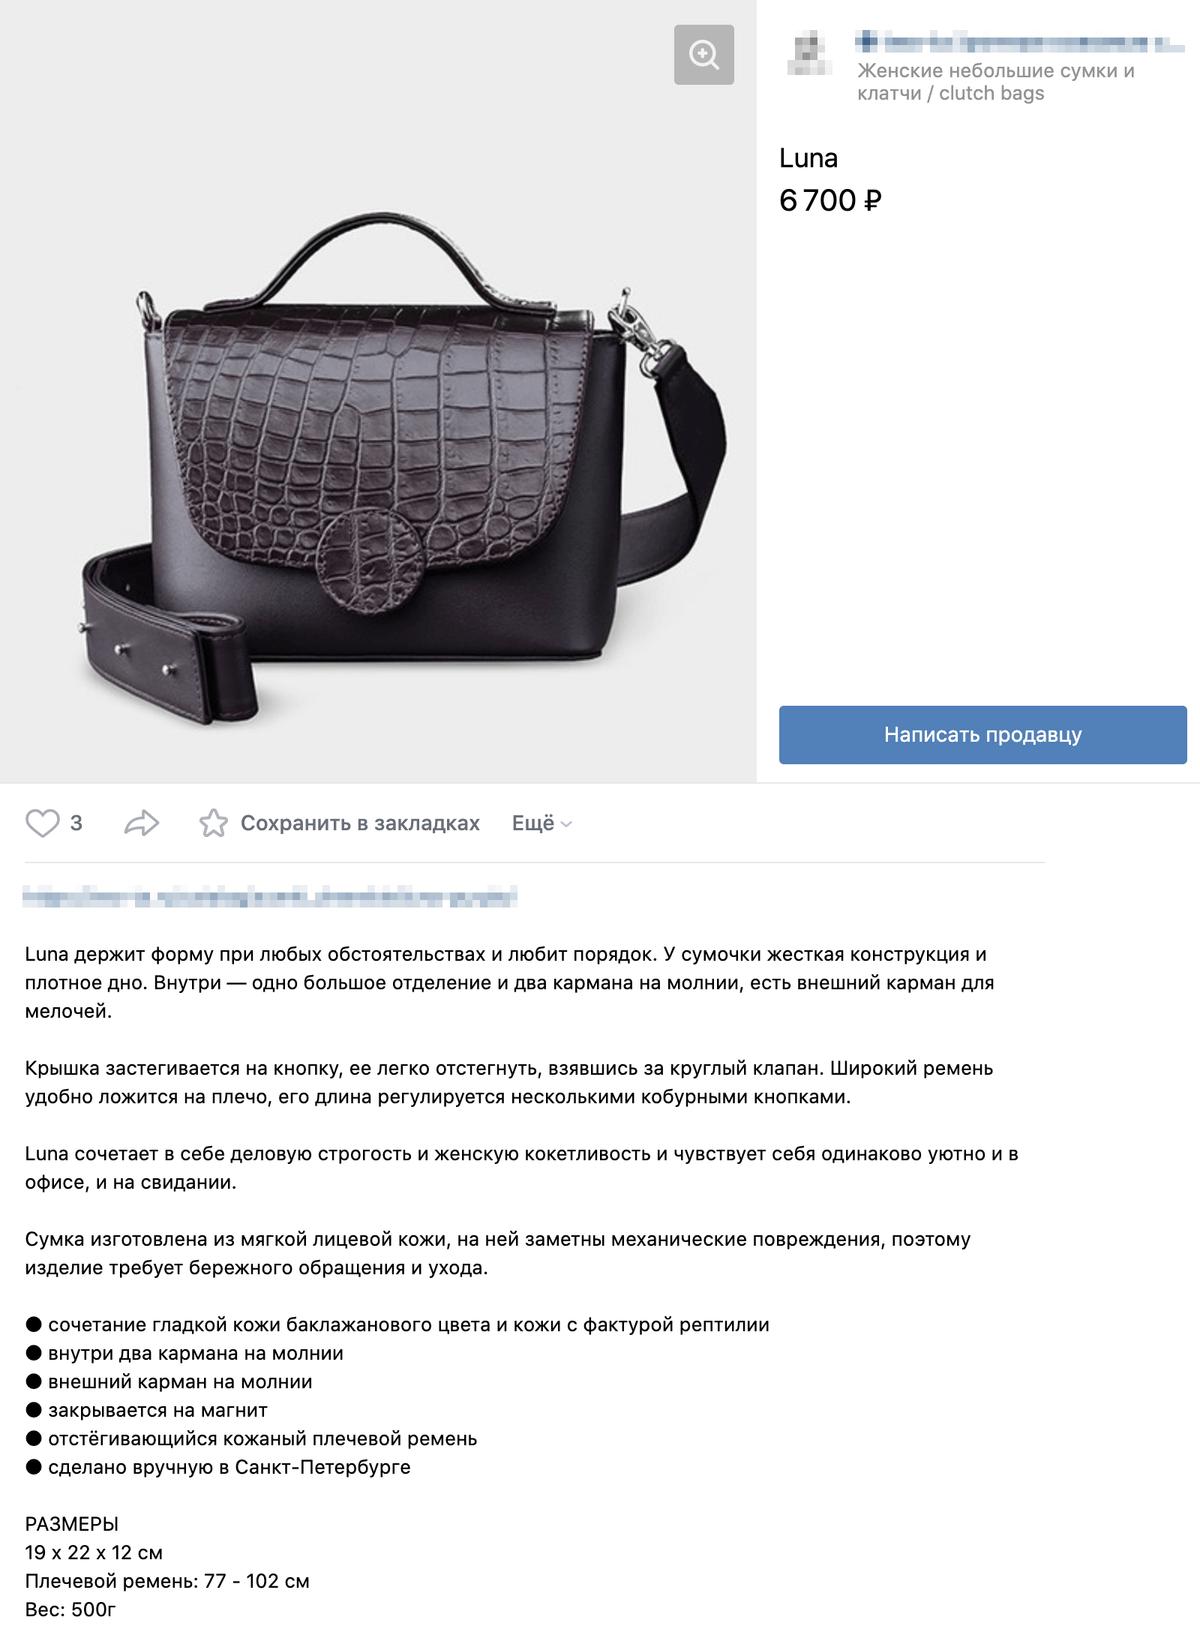 На сайте подробно описано, из чего сделана сумка, точные размеры и есть предупреждение — что на поверхности могут остаться повреждения